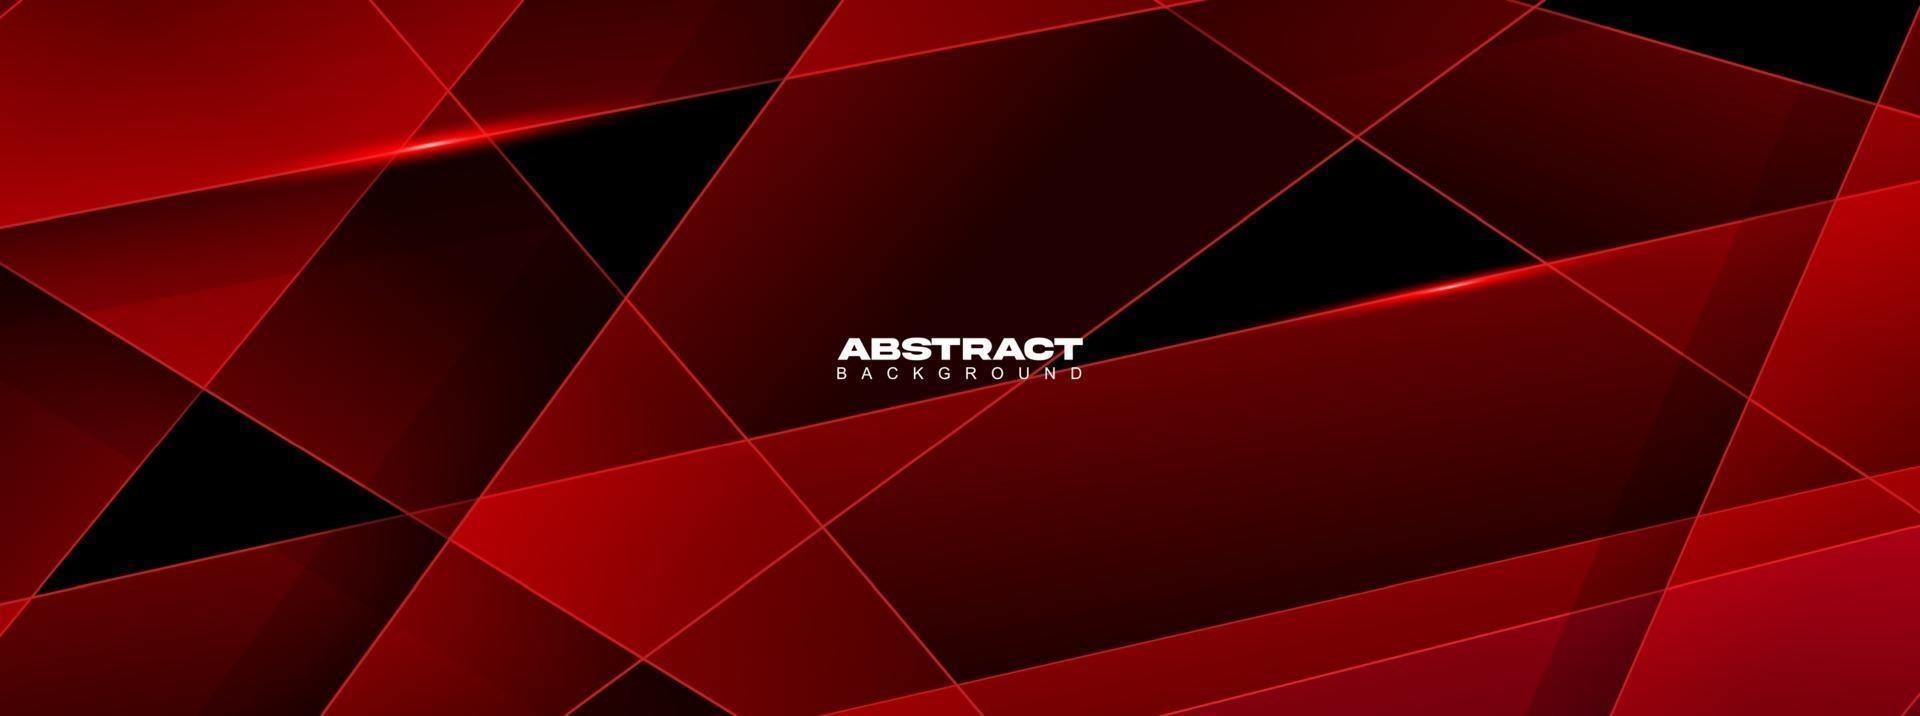 modern abstrakt geometrisk röd och svart färgbakgrund. rörelse, sport, linjer. affisch, tapet, målsida. vektor illustration